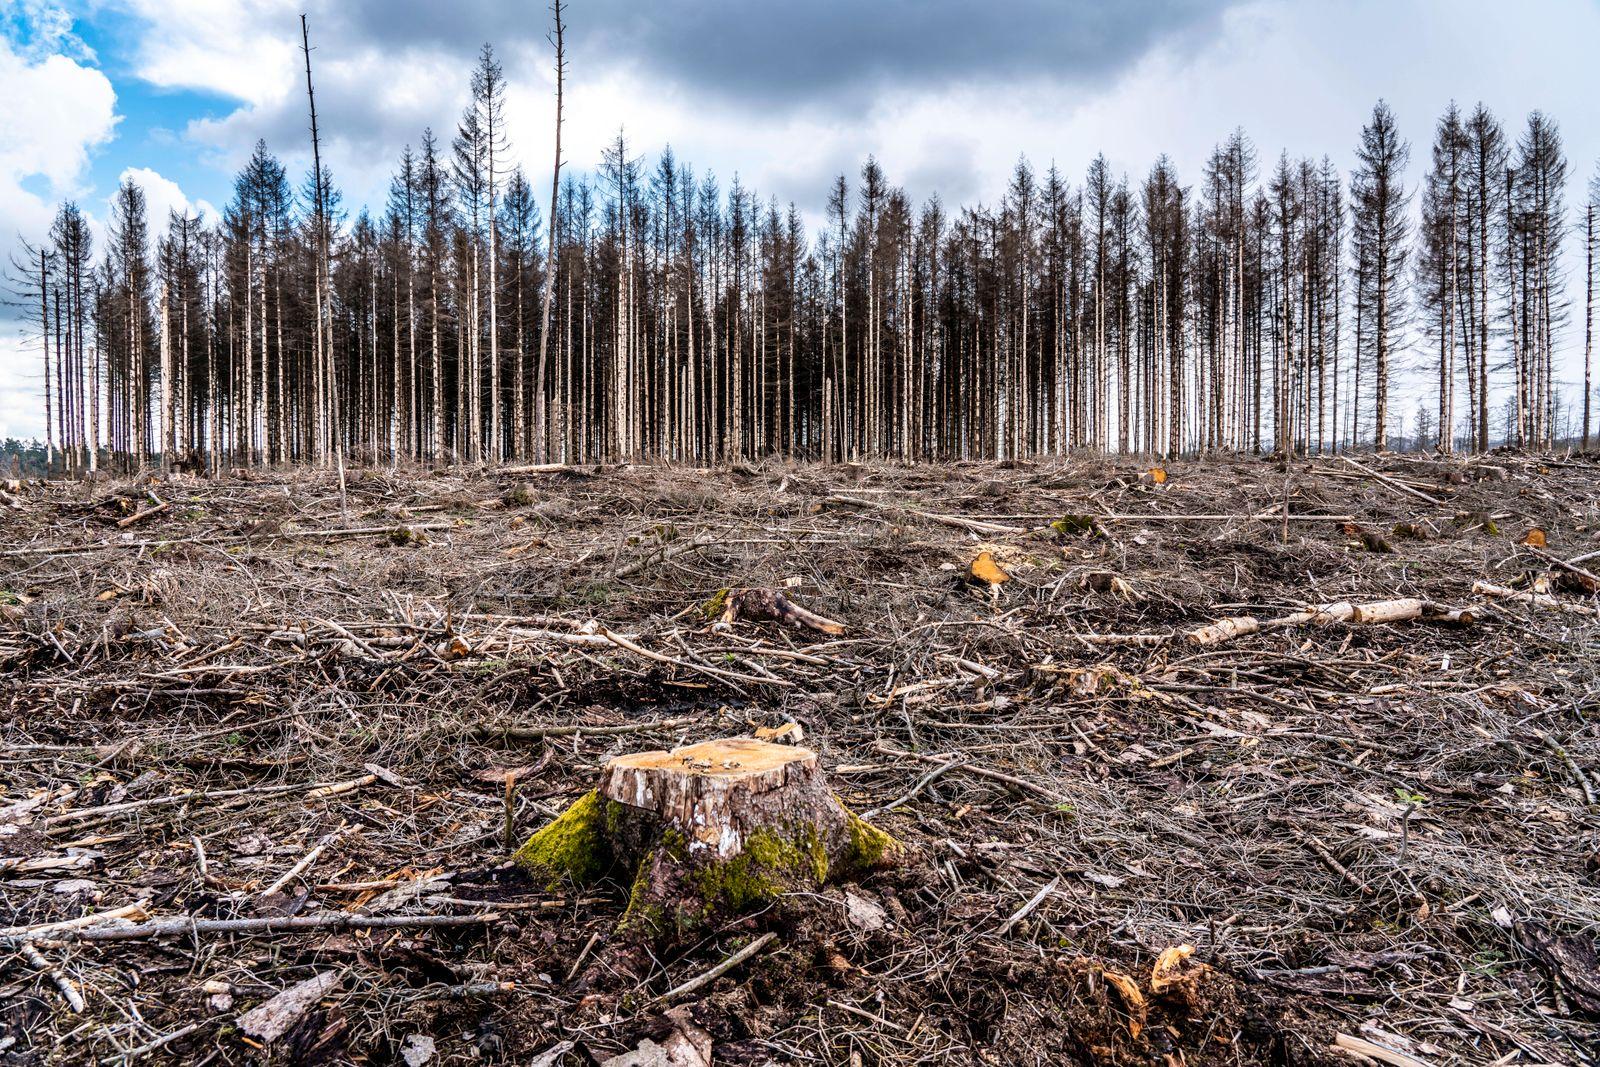 Gerodeter Wald im Arnsberger Wald bei Warstein-Sichtigvor, Kreis Soest, Gelände eines Fichtenwald, der auf Grund von sta